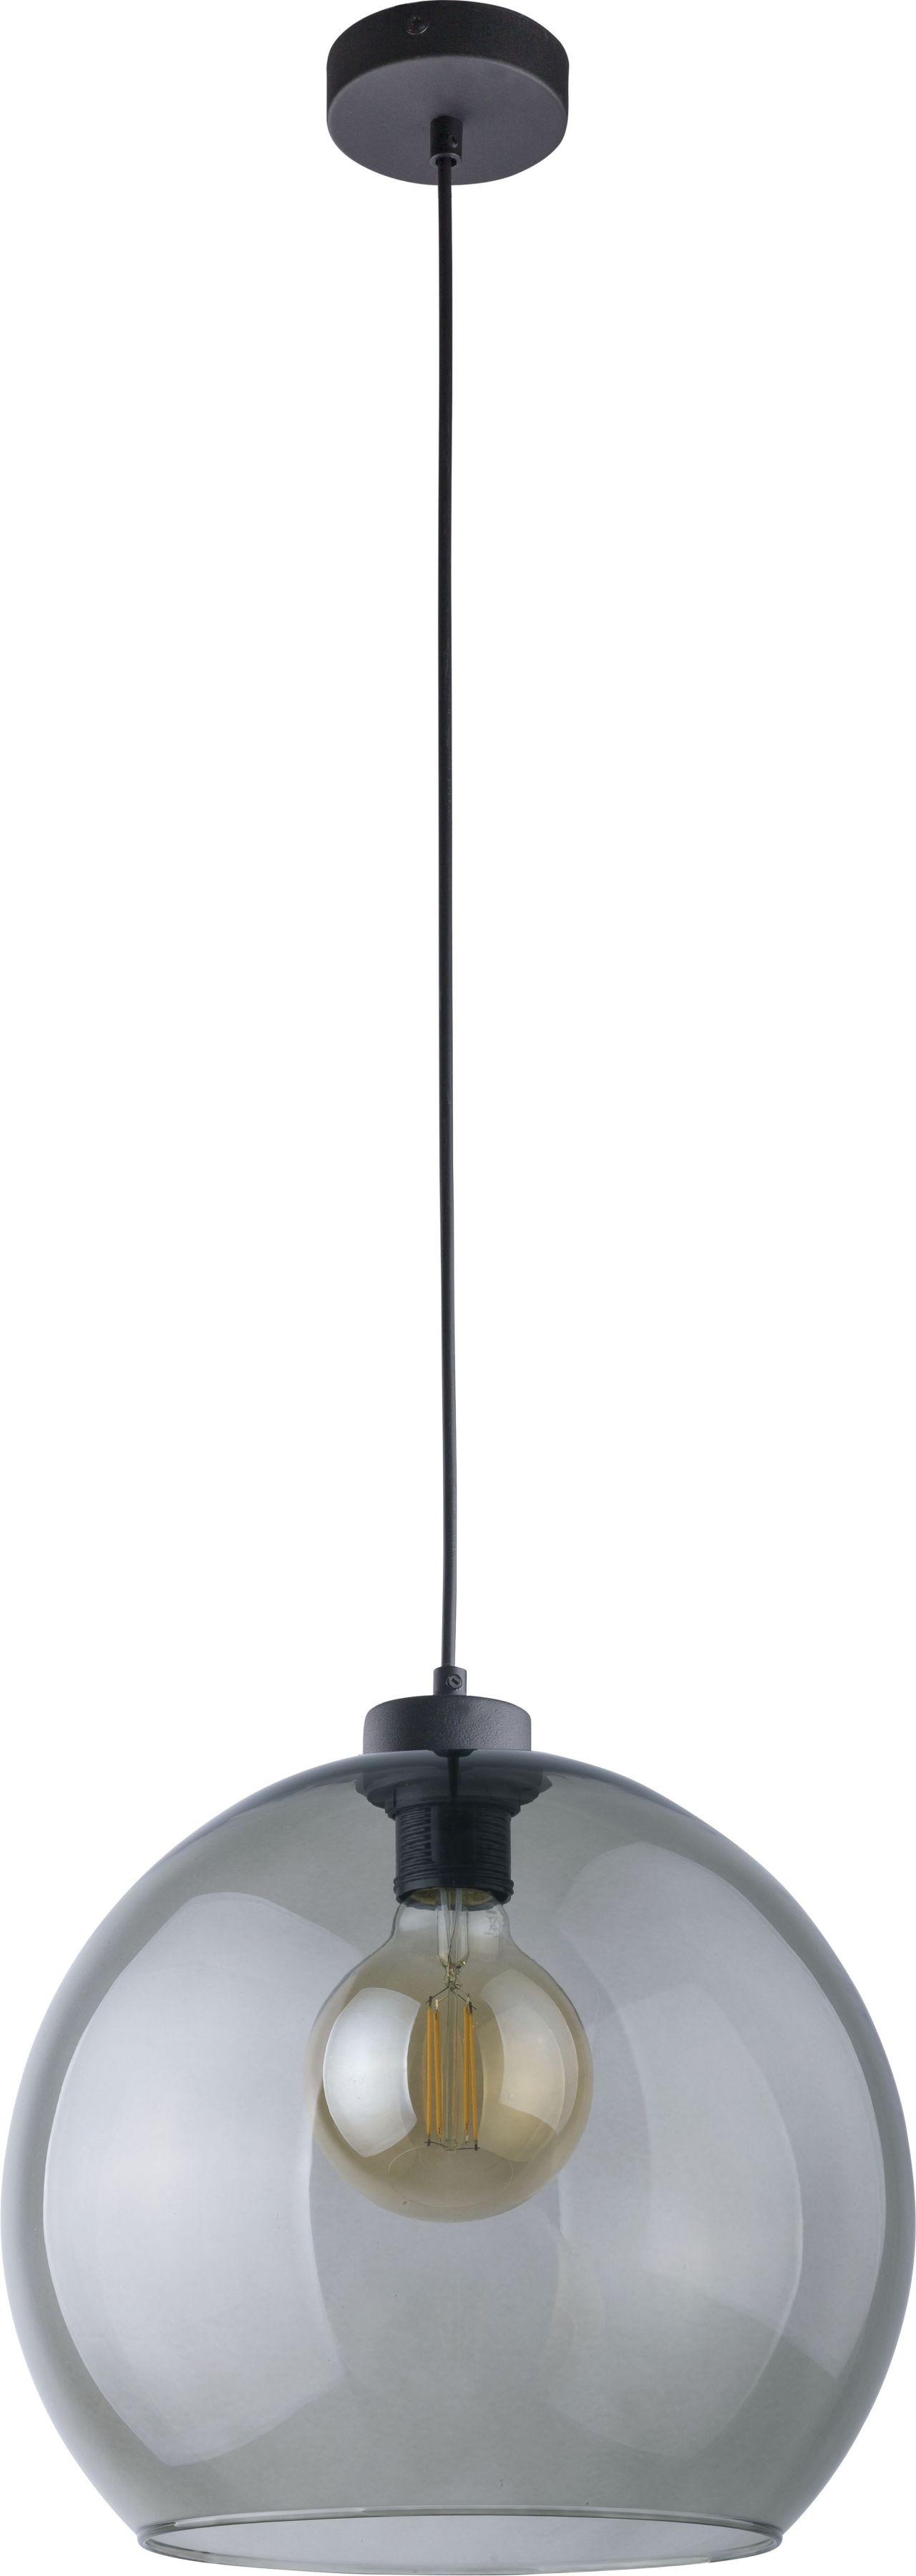 Lampa wisząca Cubus Graphite 1 punktowa szklana grafitowa 4292 - TK Lighting // Rabaty w koszyku i darmowa dostawa od 299zł !